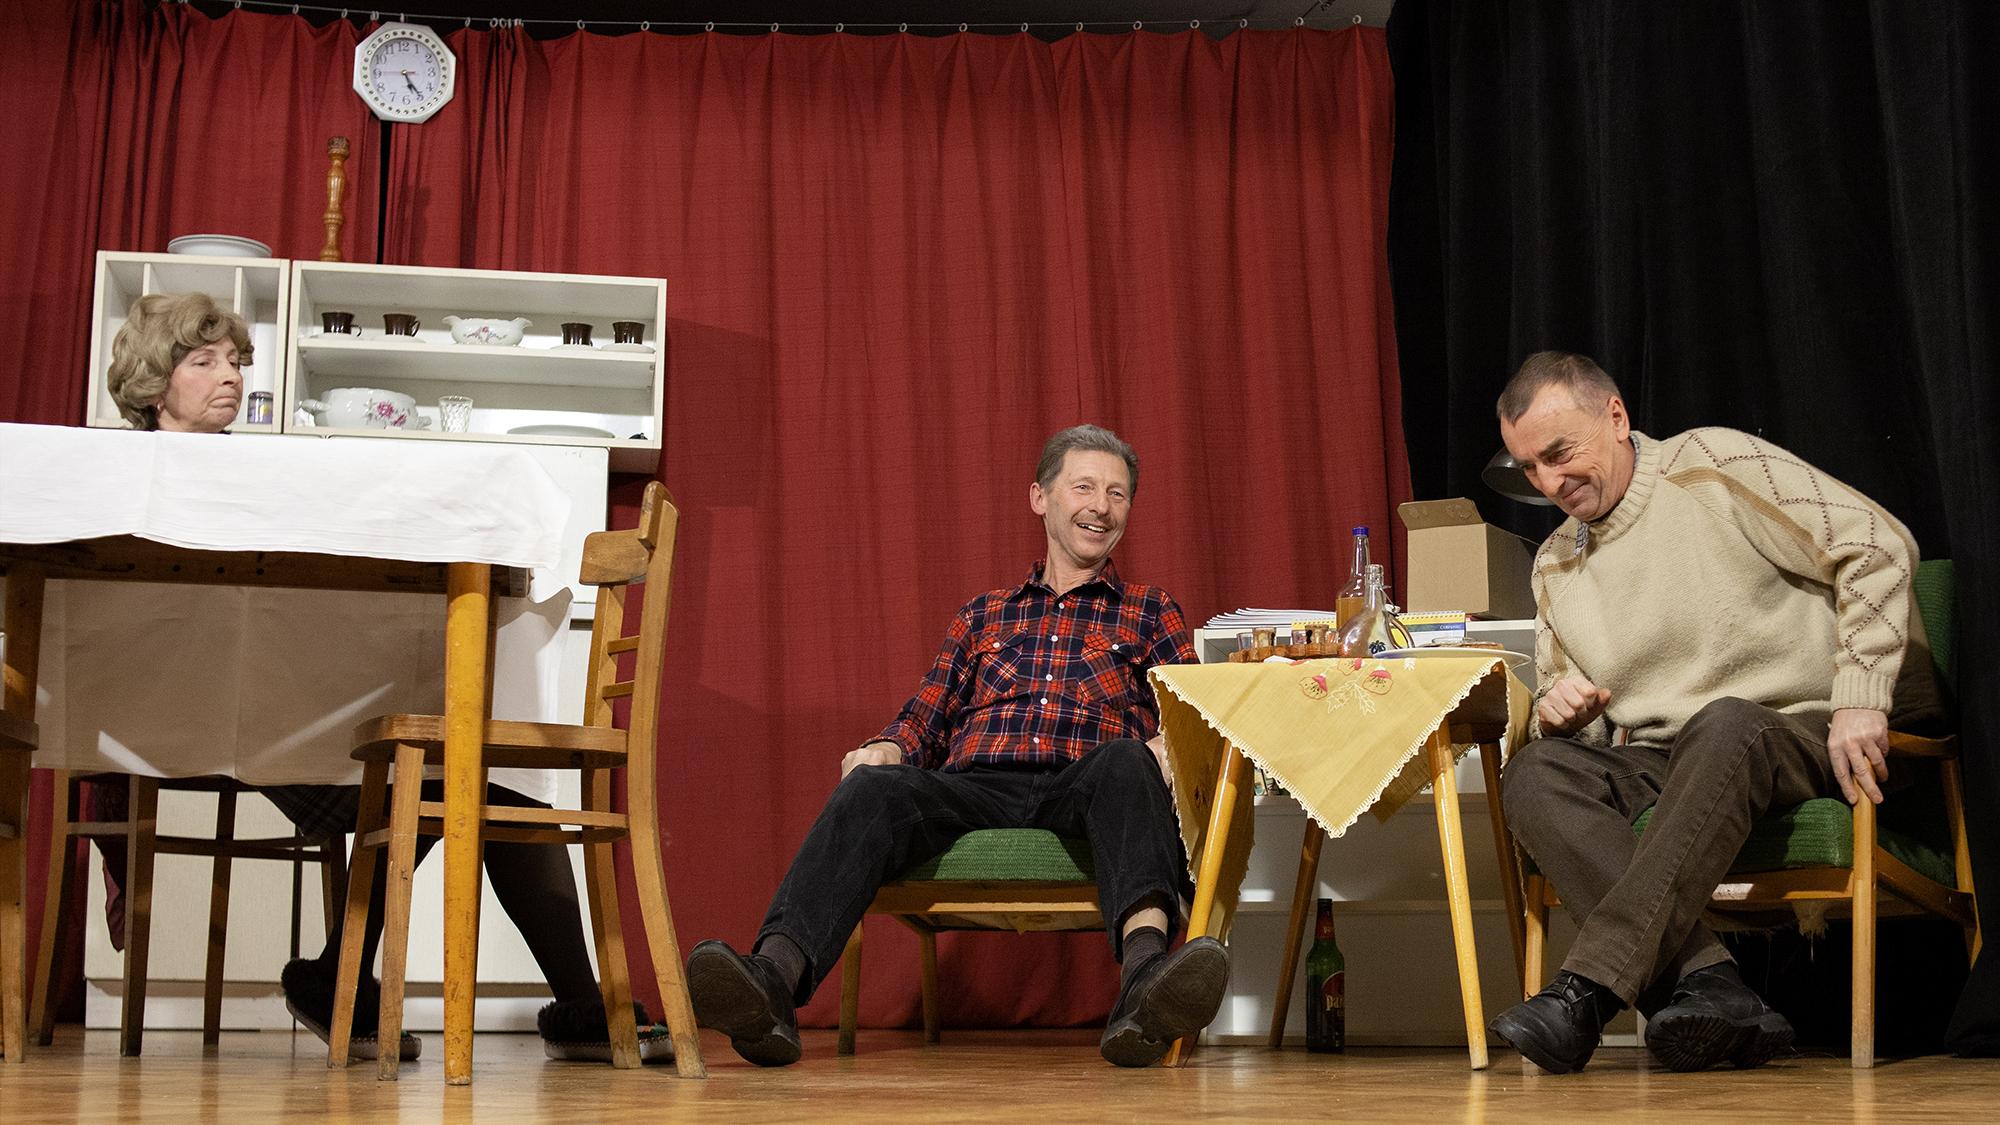 Teatr w Gródku rozbawił publiczność (zdjęcia Marian Siedlaczek)